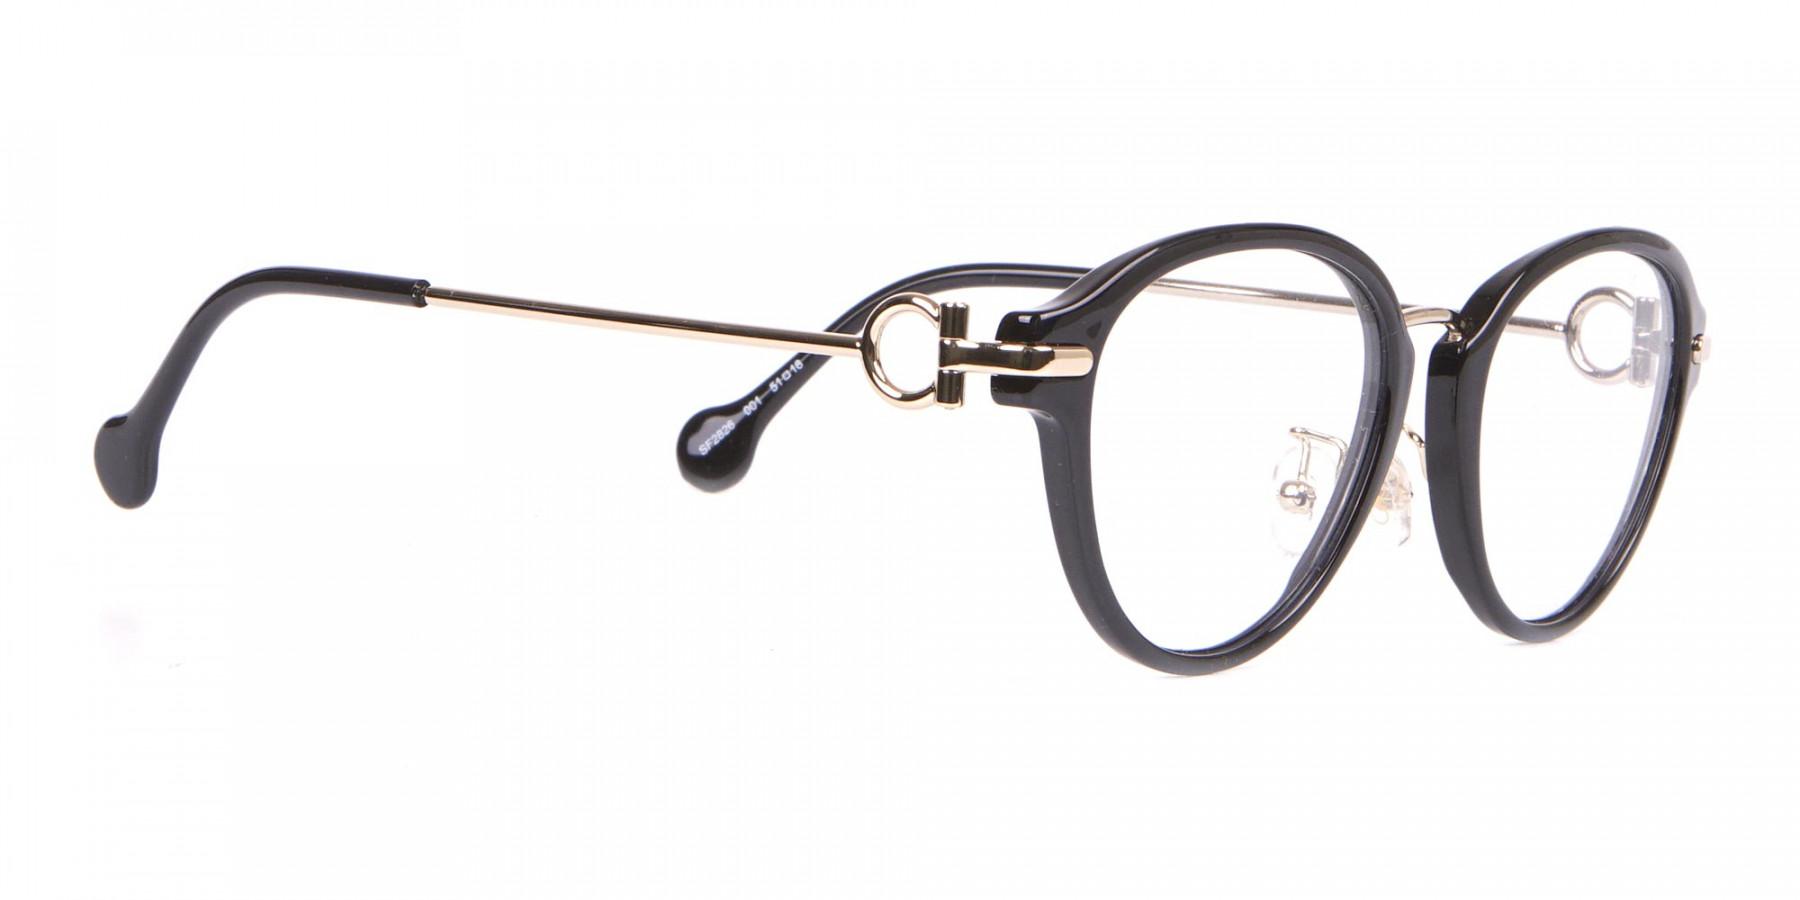 Salvatore Ferragamo SF2826 Women's Round Glasses Black-1